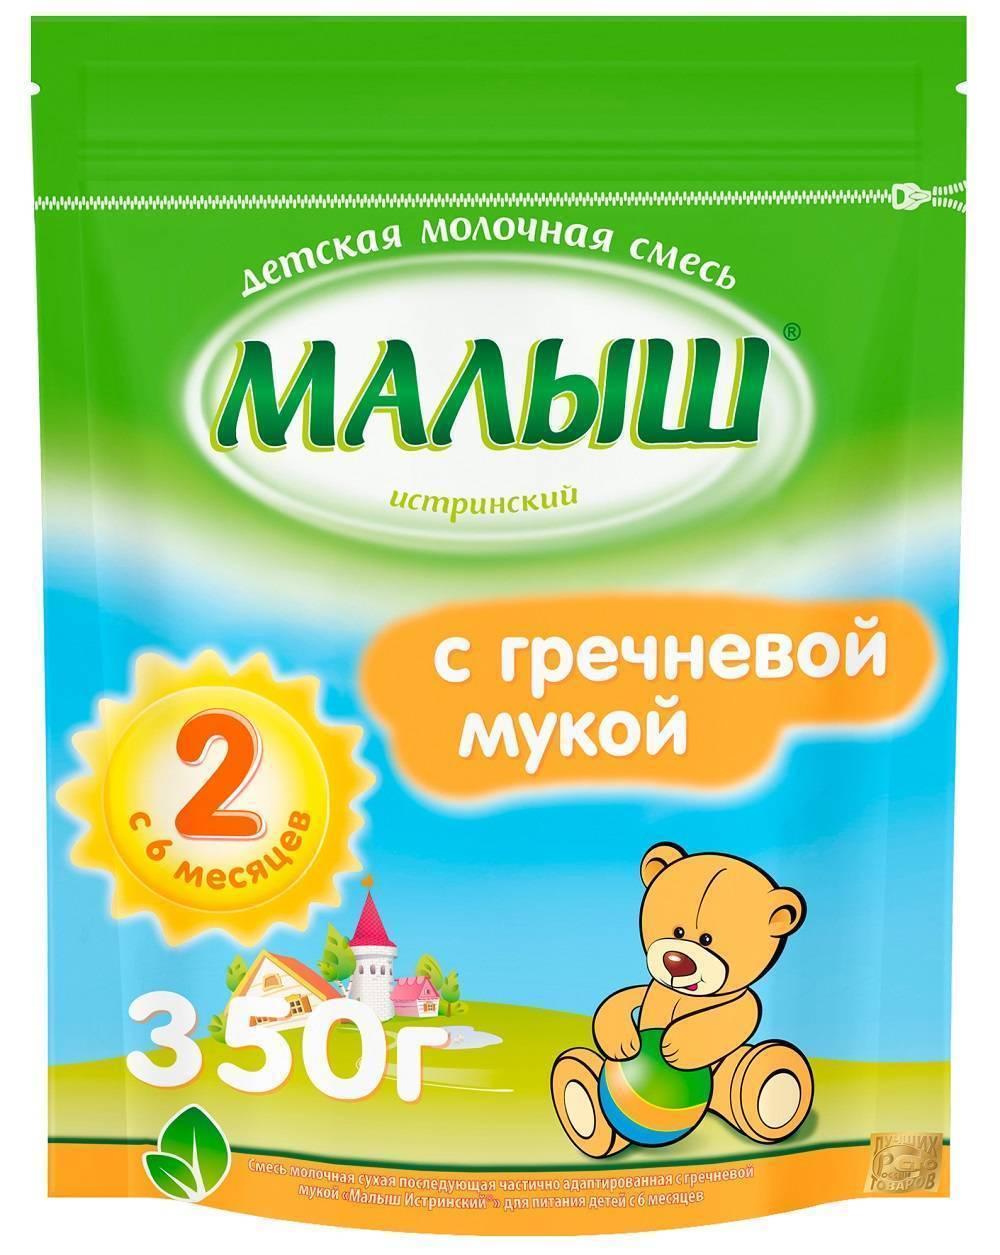 Обзор смесей «малыш истринский»: состав детского питания, виды и инструкция по применению. молочные смеси «малыш истринский